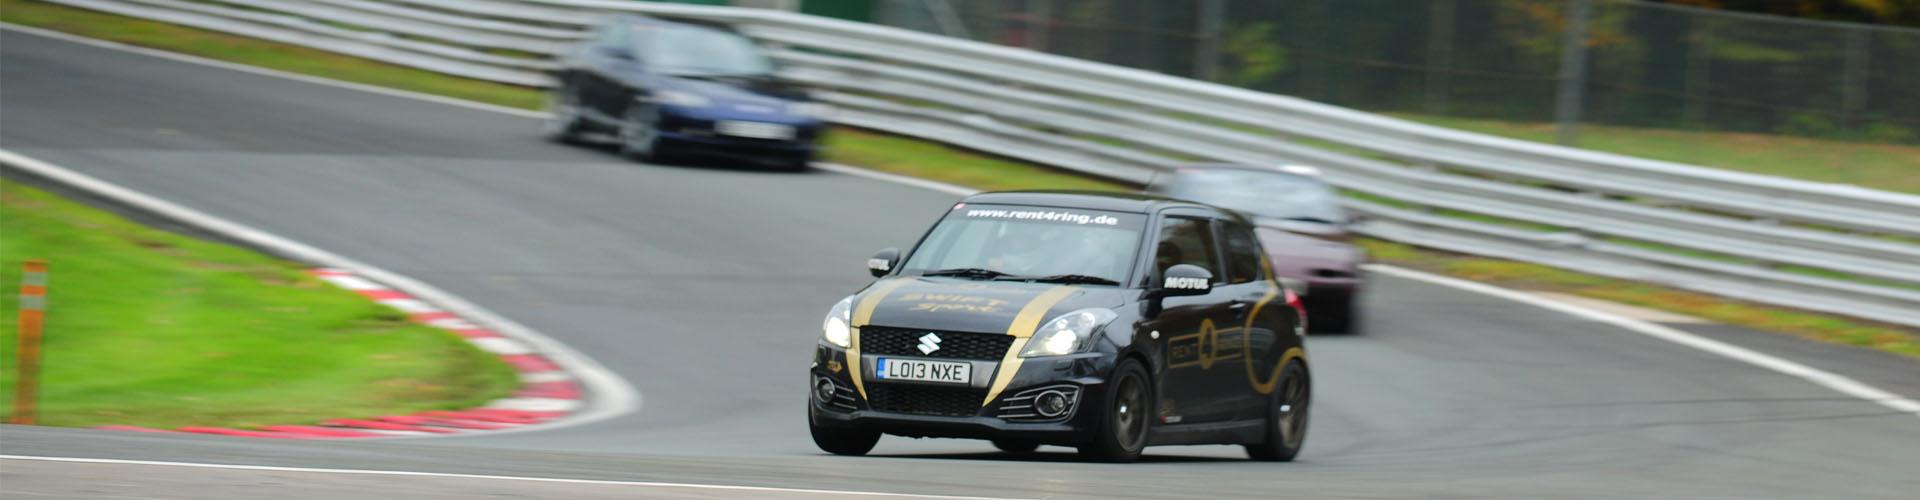 Suzuki Swift Sport on Track